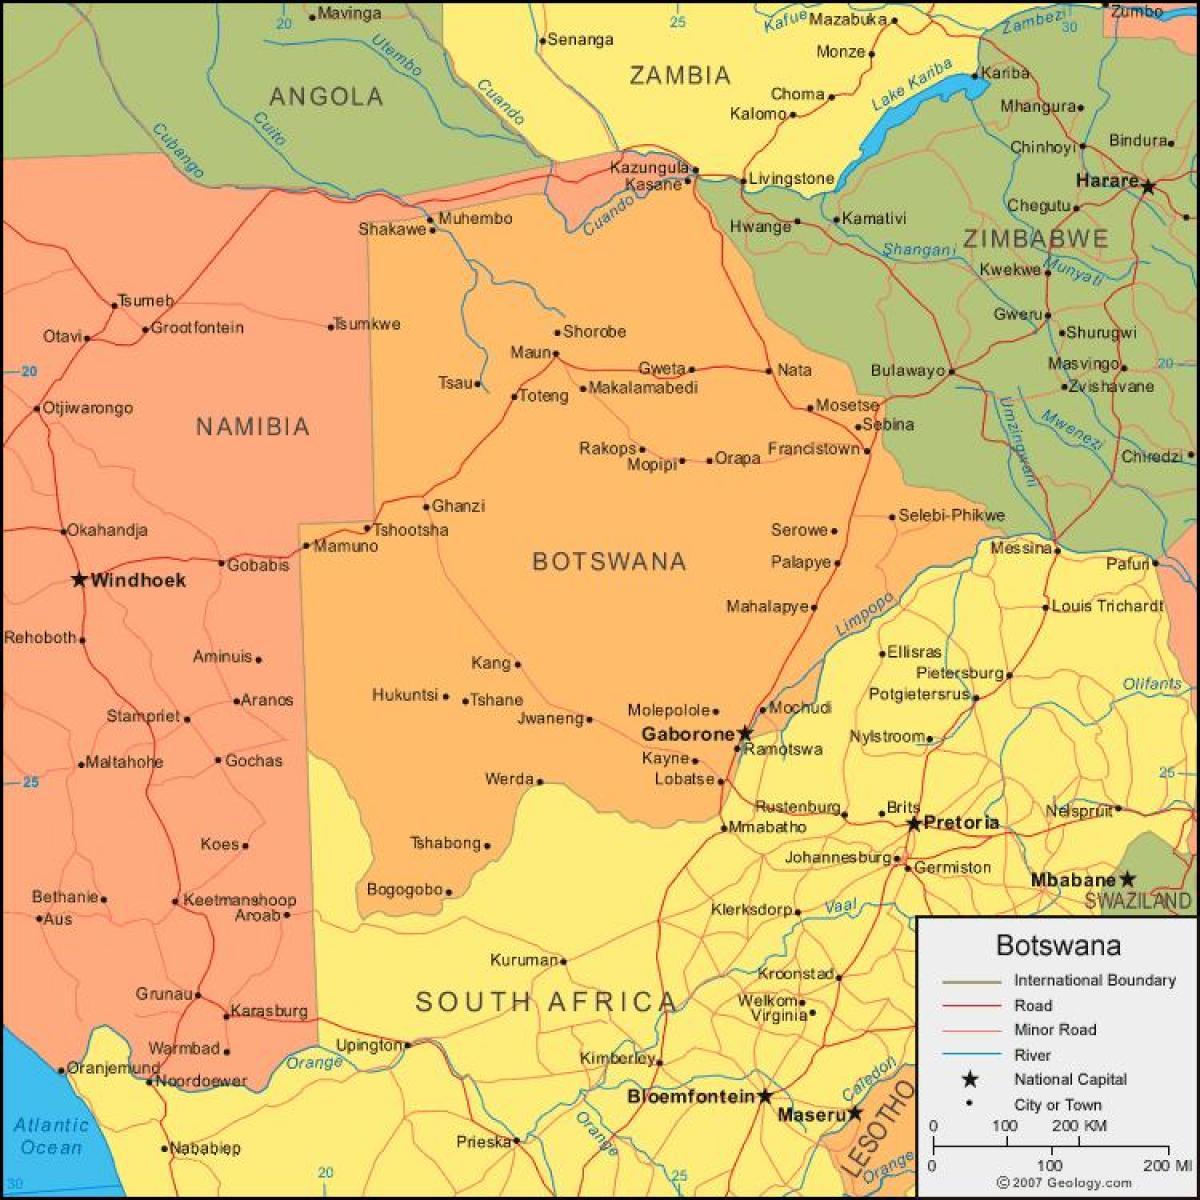 خريطة بوتسوانا التفصيلية